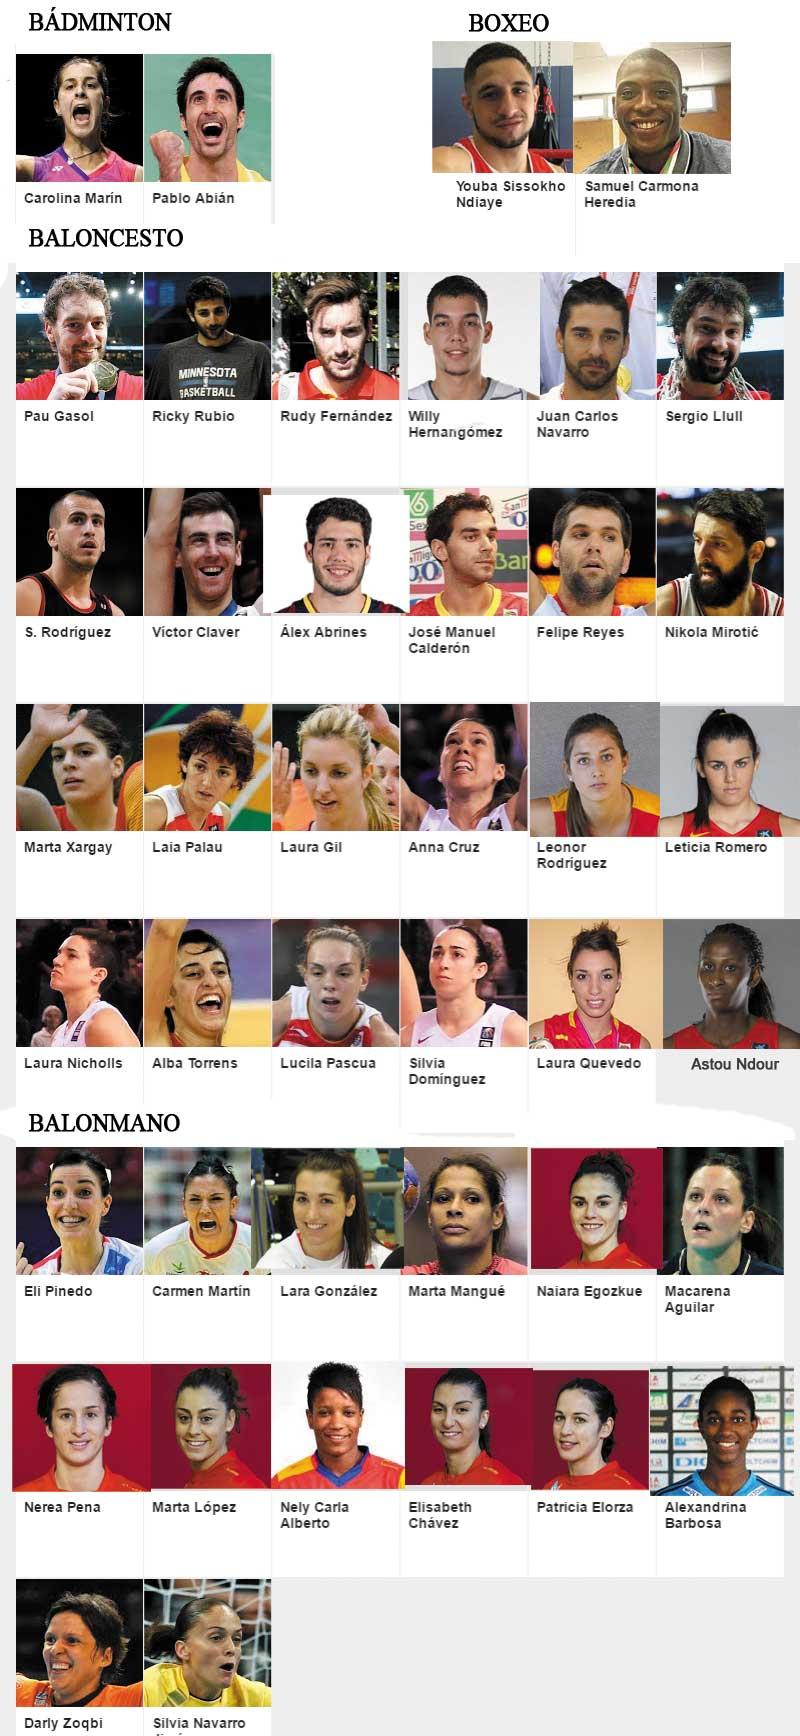 olimpicos-spain-rio-2016-BALONCESTO-badminton-boxeo-balonmano-avance-deportivo